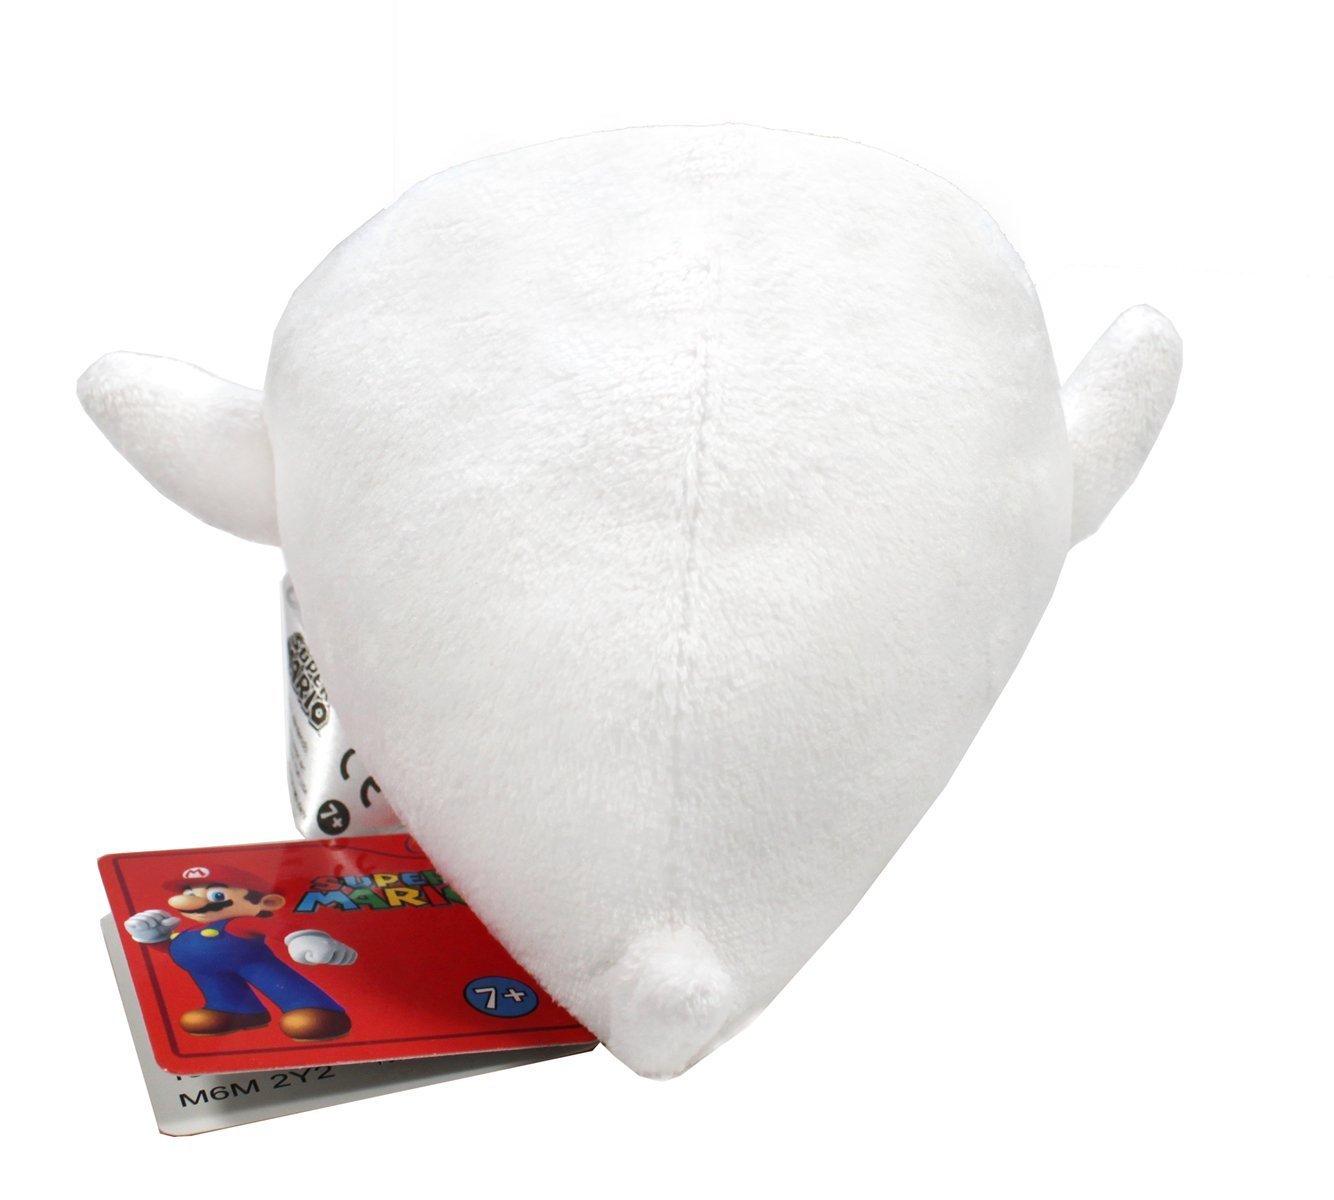 Jumbo Boo 8 with Boo 5 Plush Bundle